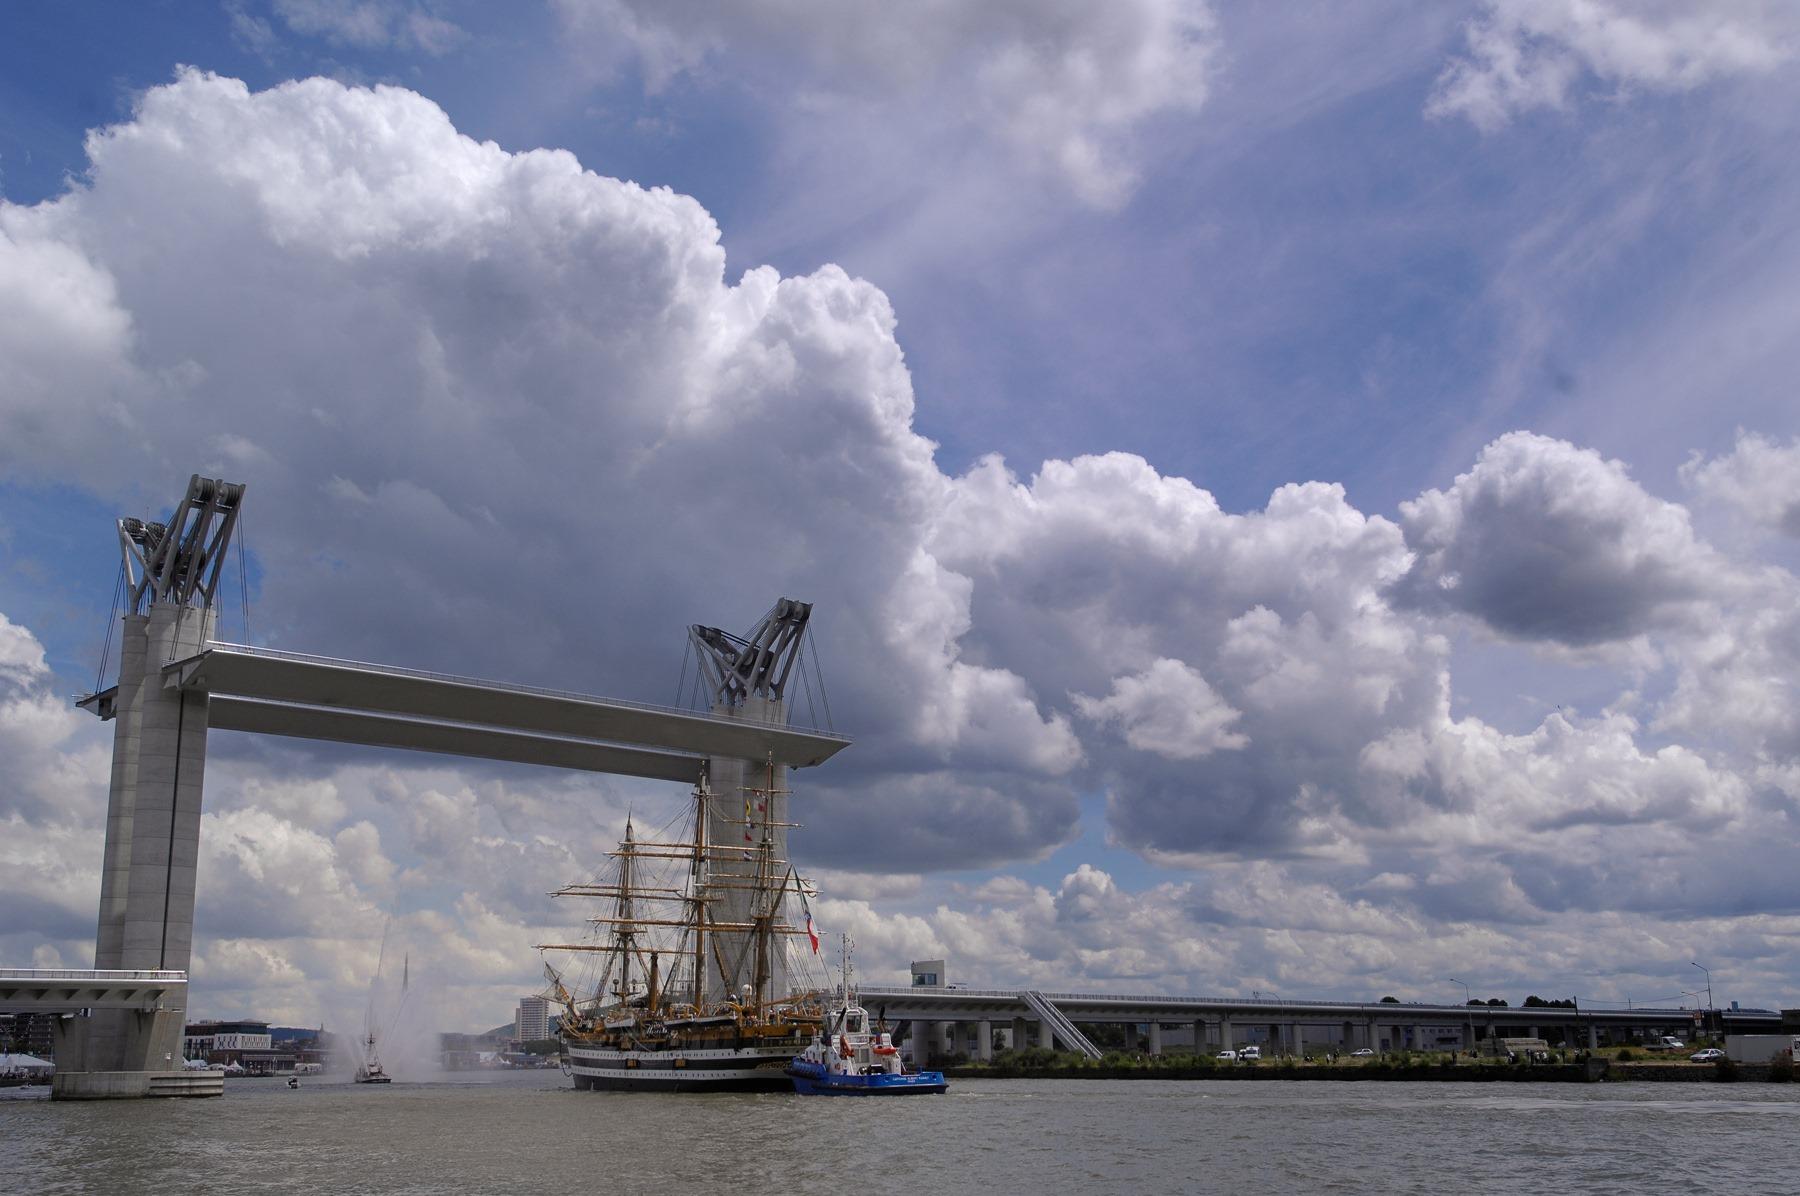 Le mois de juin, mois de l'Armada, a connu une hausse particulièrement significative avec +27% d'accueils qualifiés - Photo @RouenTourisme